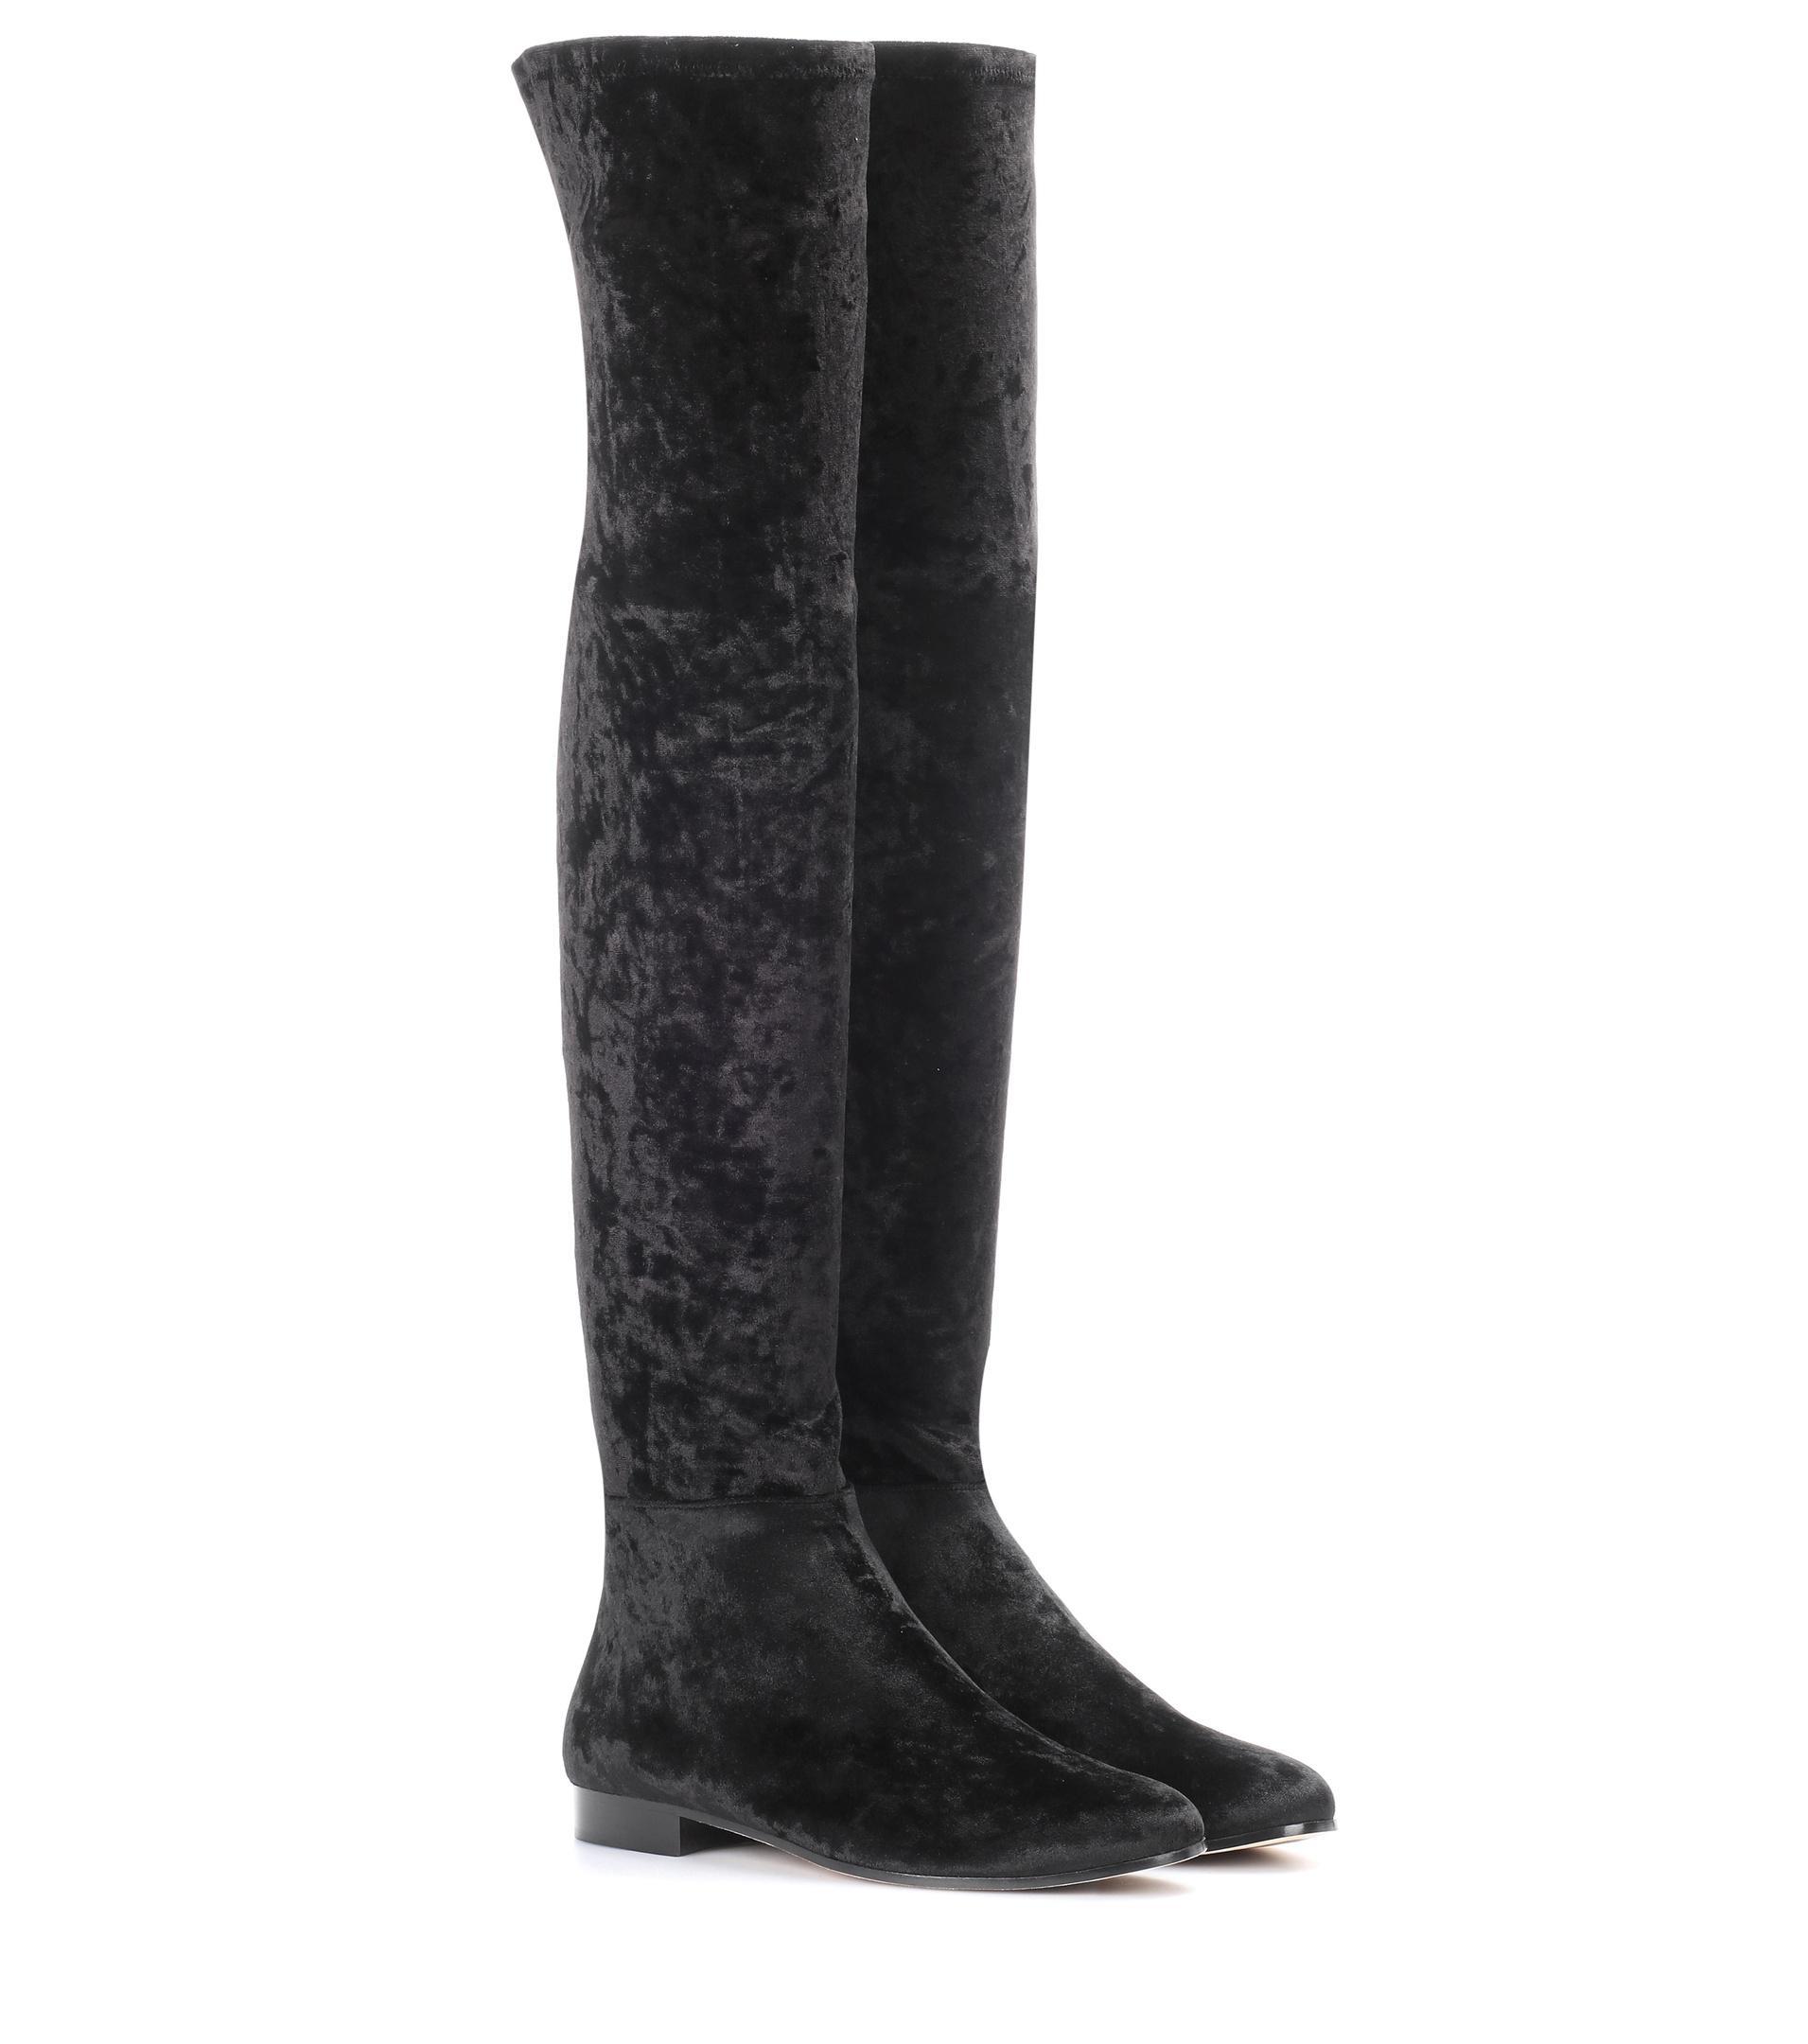 a4e5aeec2e4 Jimmy Choo Myren Flat Velvet Over-the-knee Boots in Black - Lyst